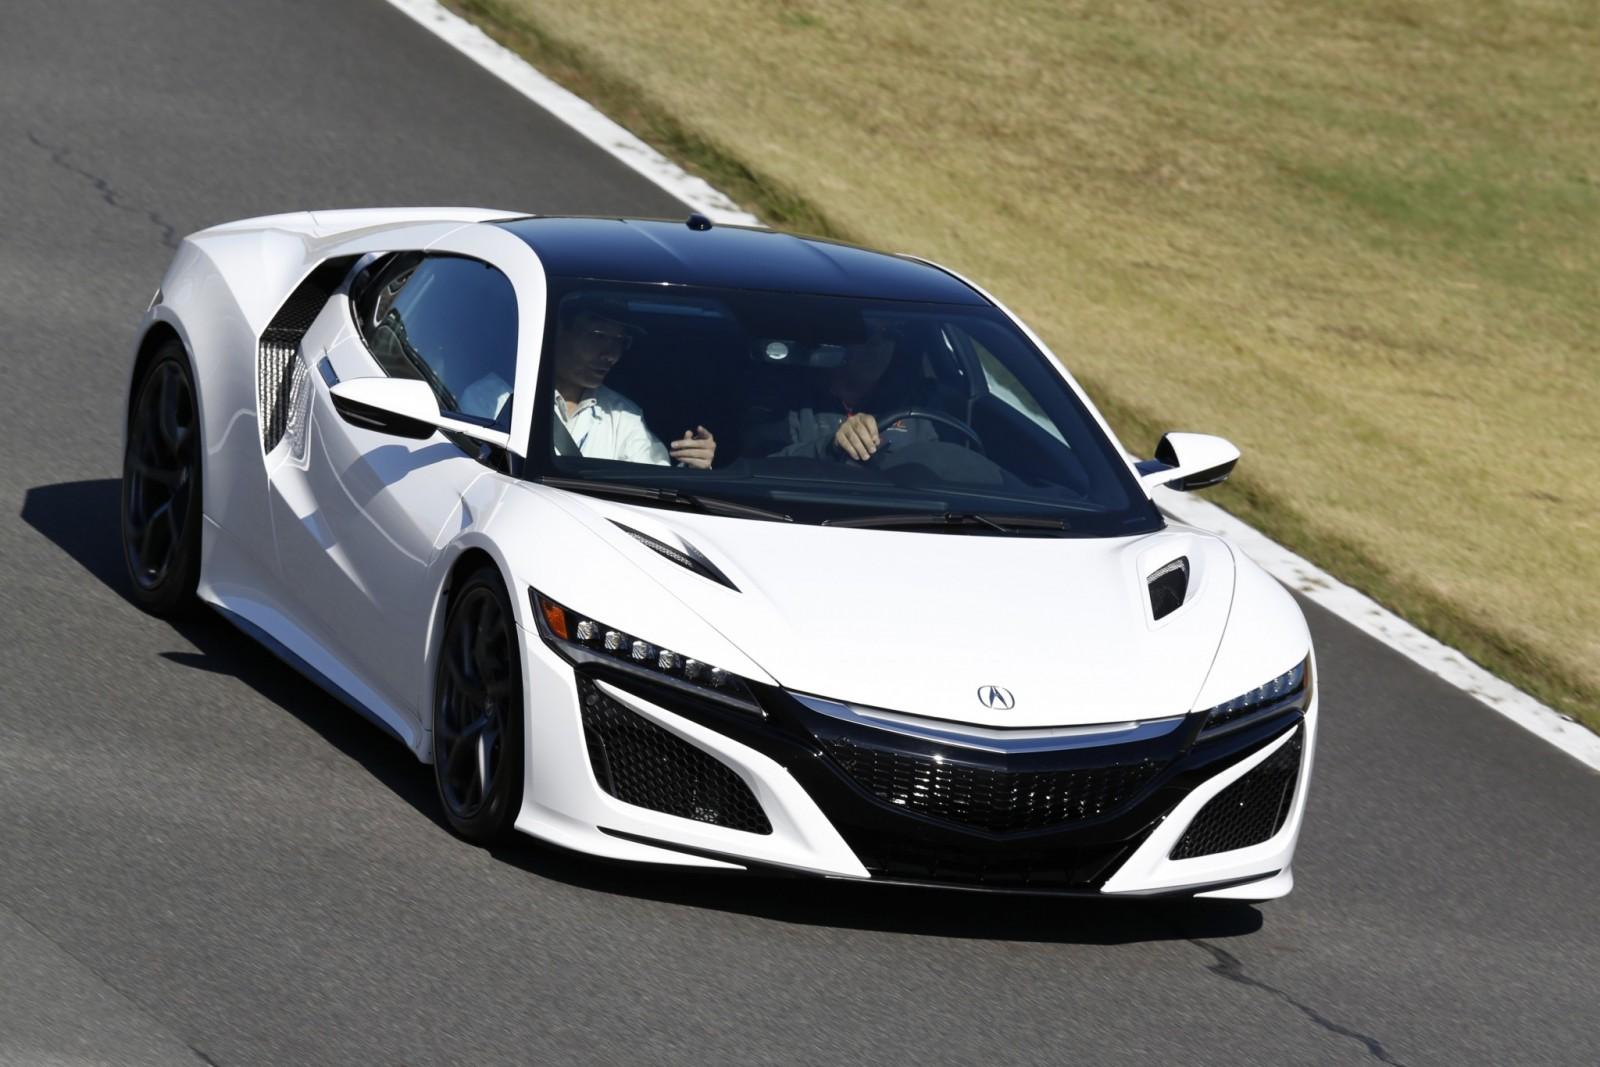 Honda Nsx Deve Custar Mais De R 1 2 Milhao No Brasil Motor Show